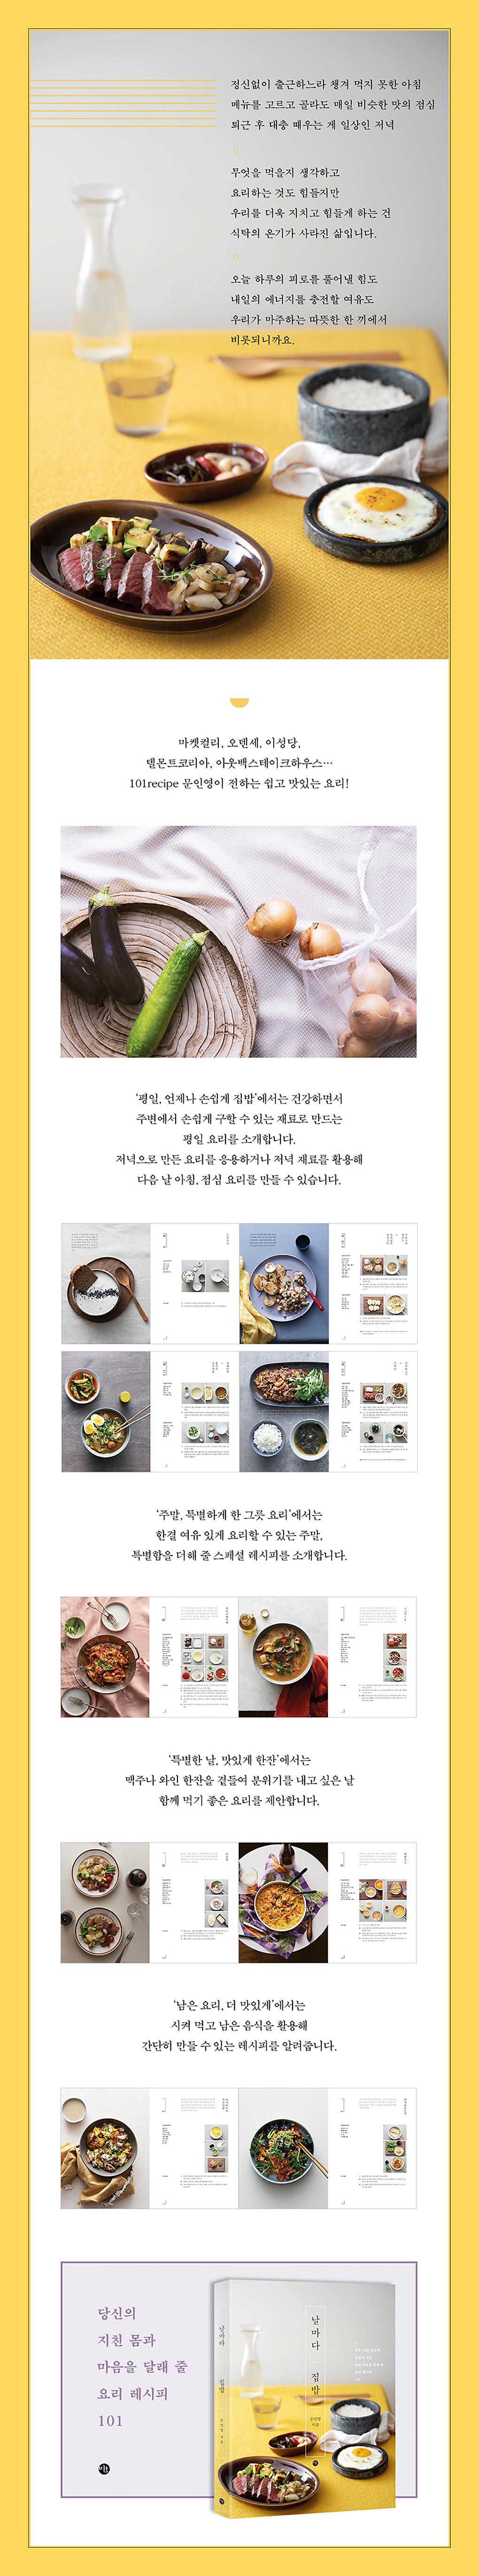 [도서] 날마다 집밥 상세이미지